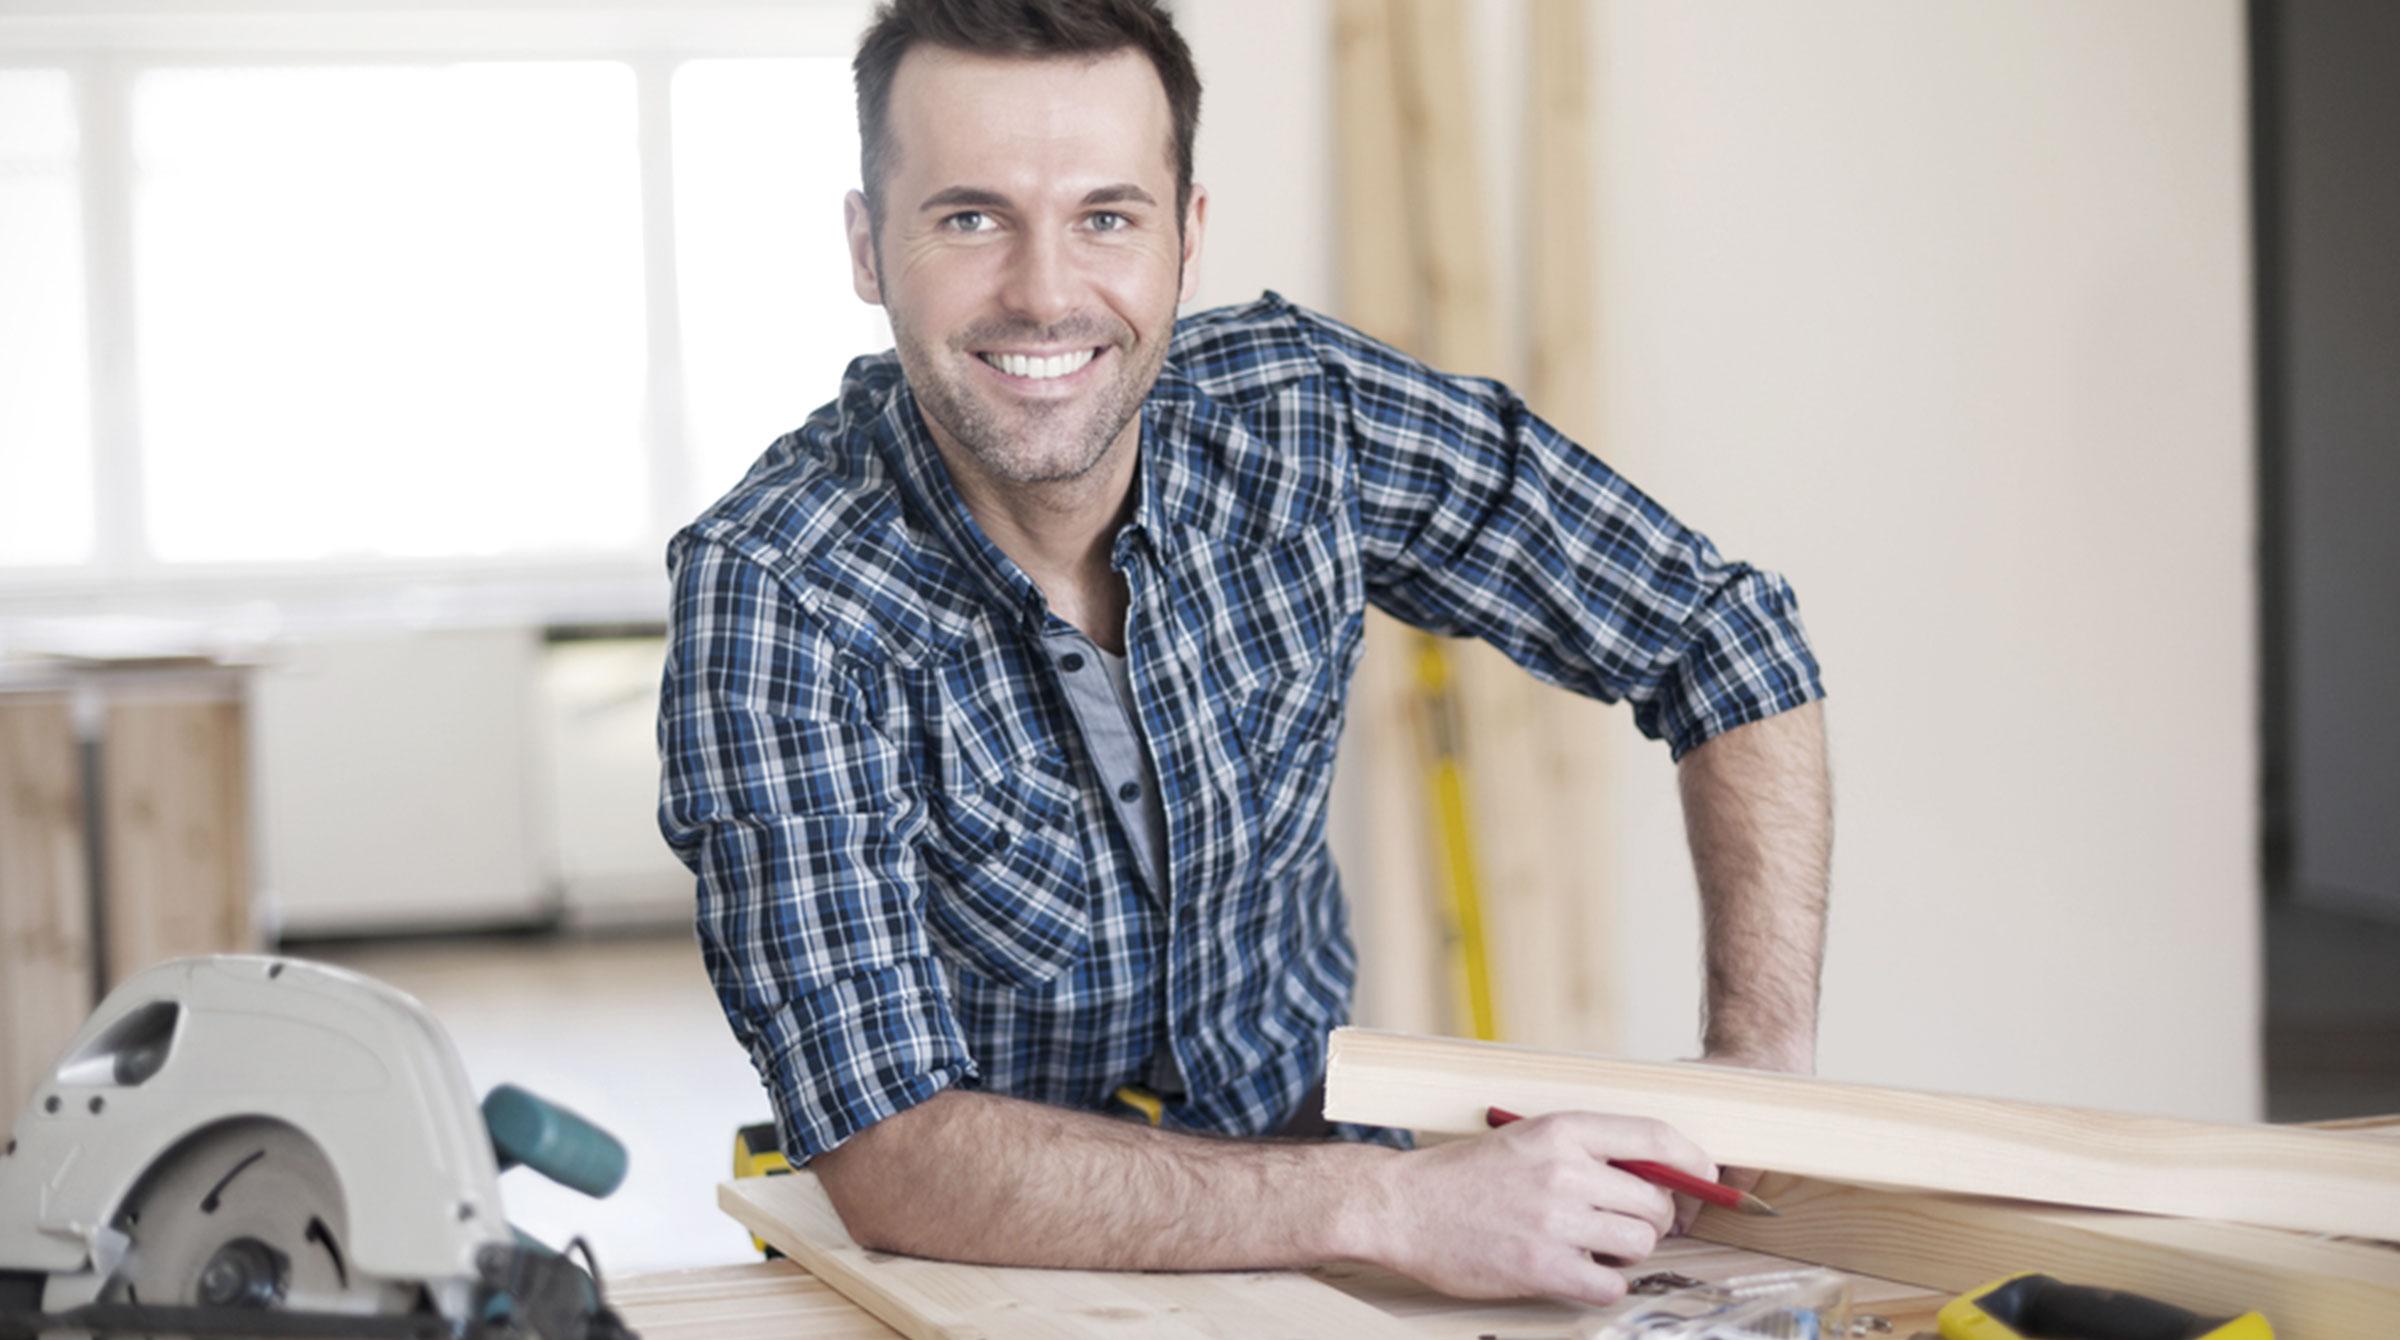 Introbild Baufinanzierung für Selbstständig